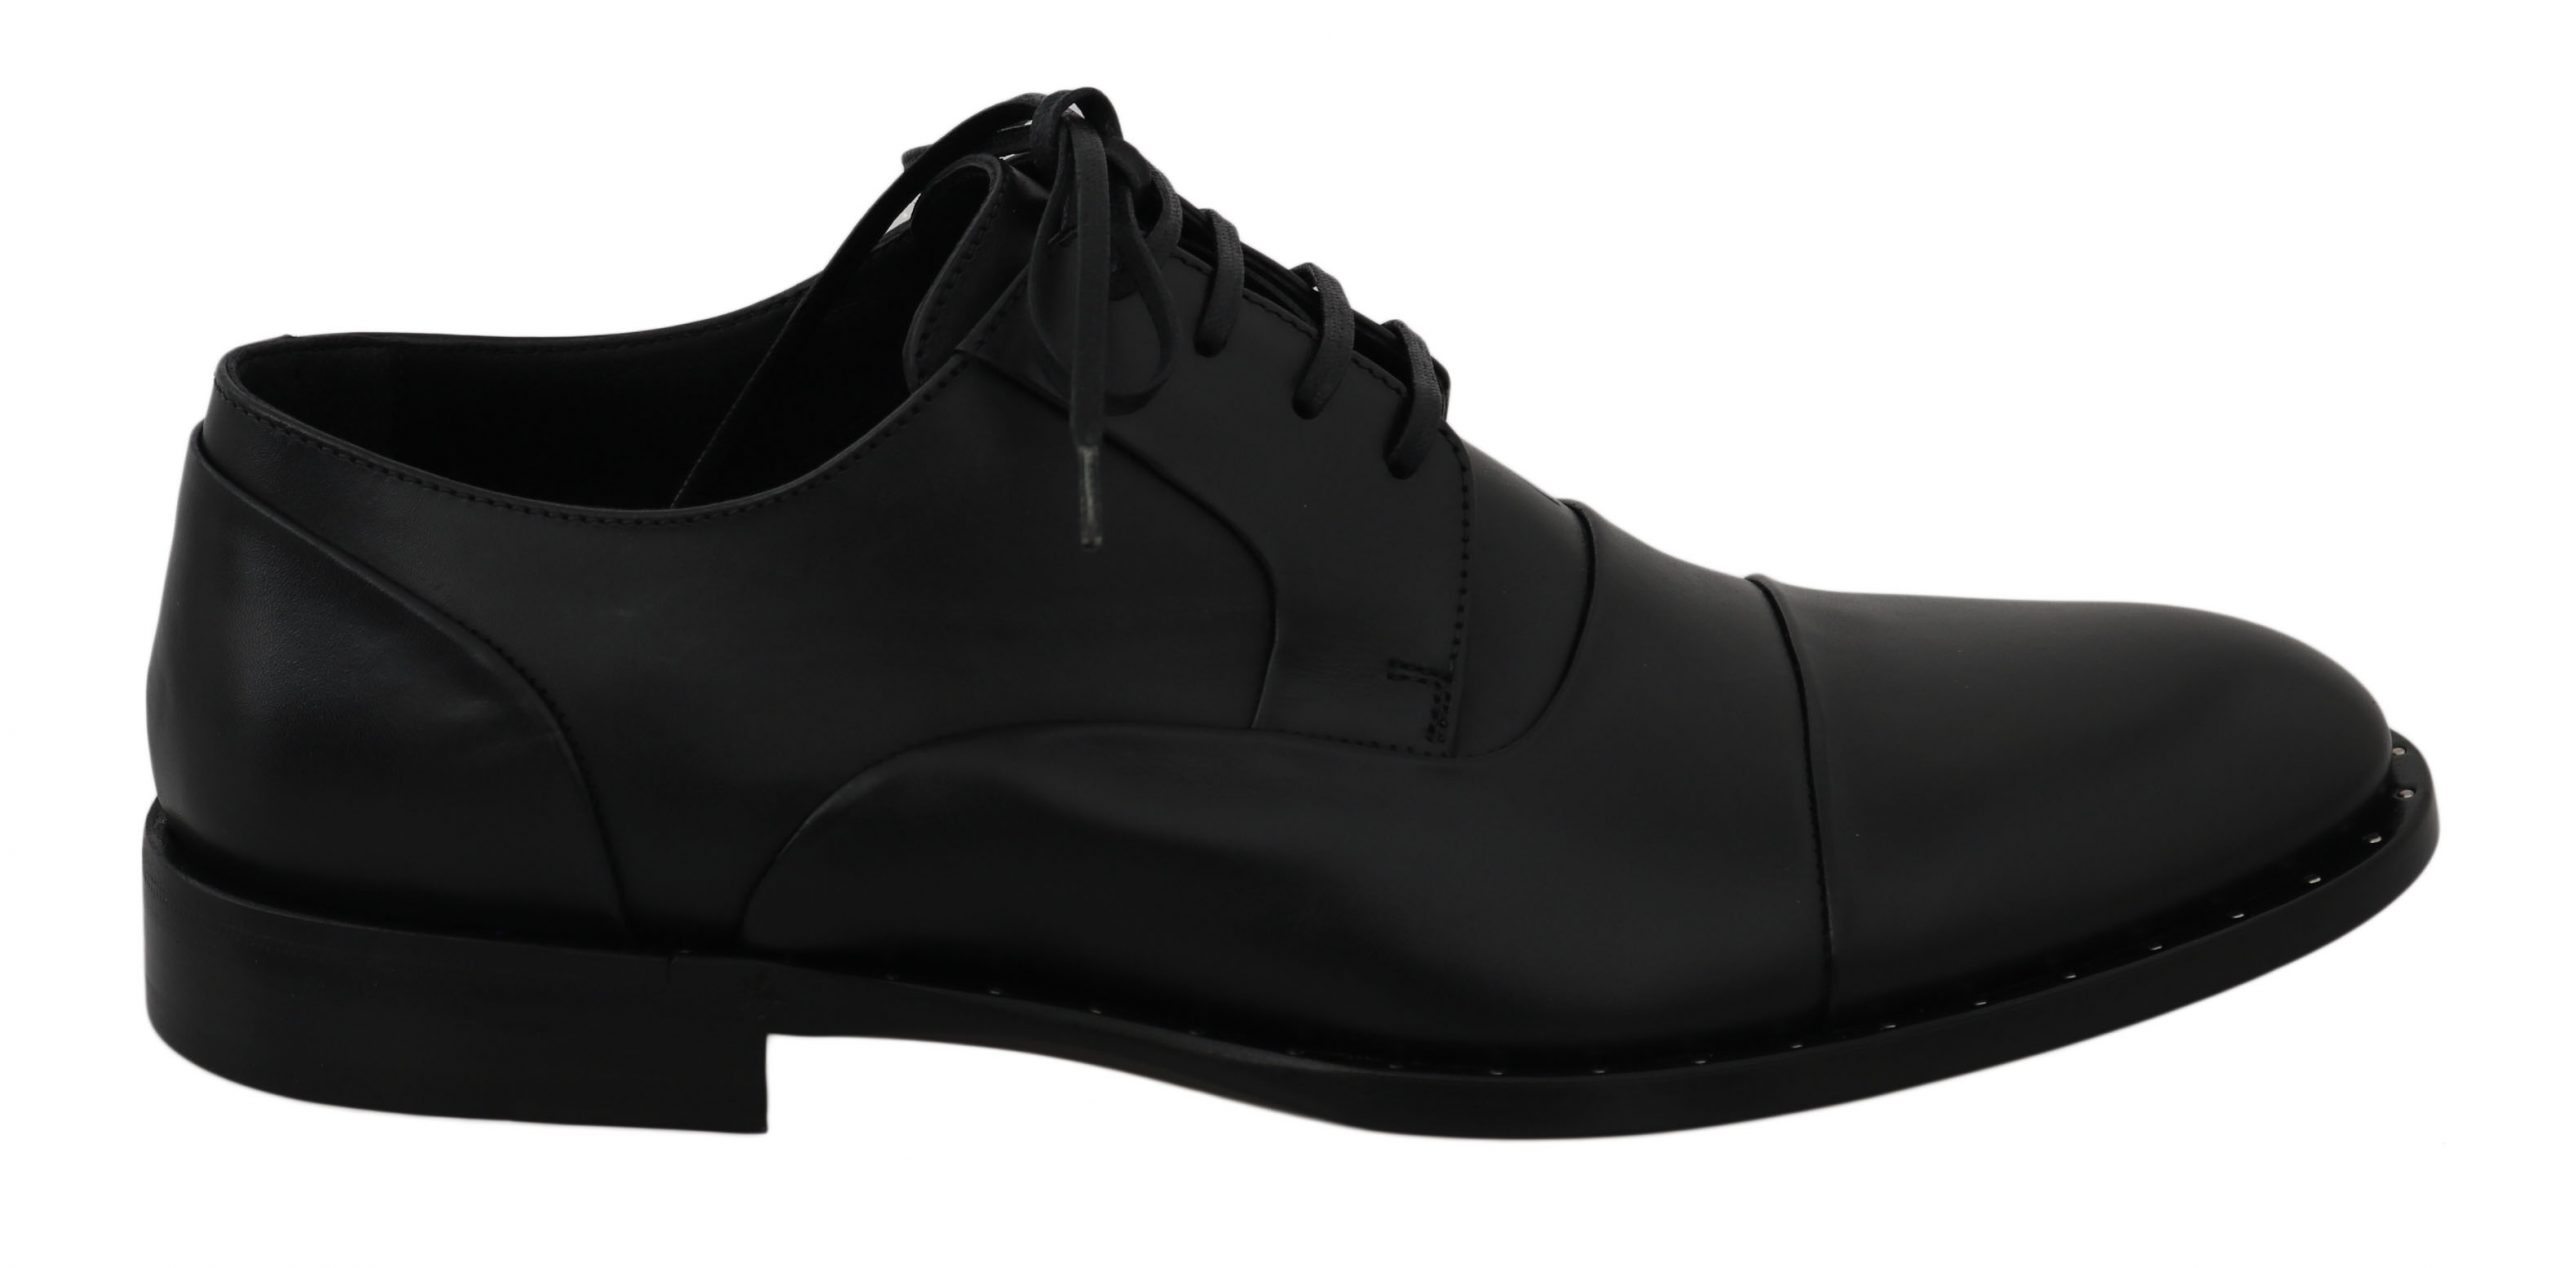 Dolce & Gabbana Men's Shoes Black MV2328 - EU43/US10